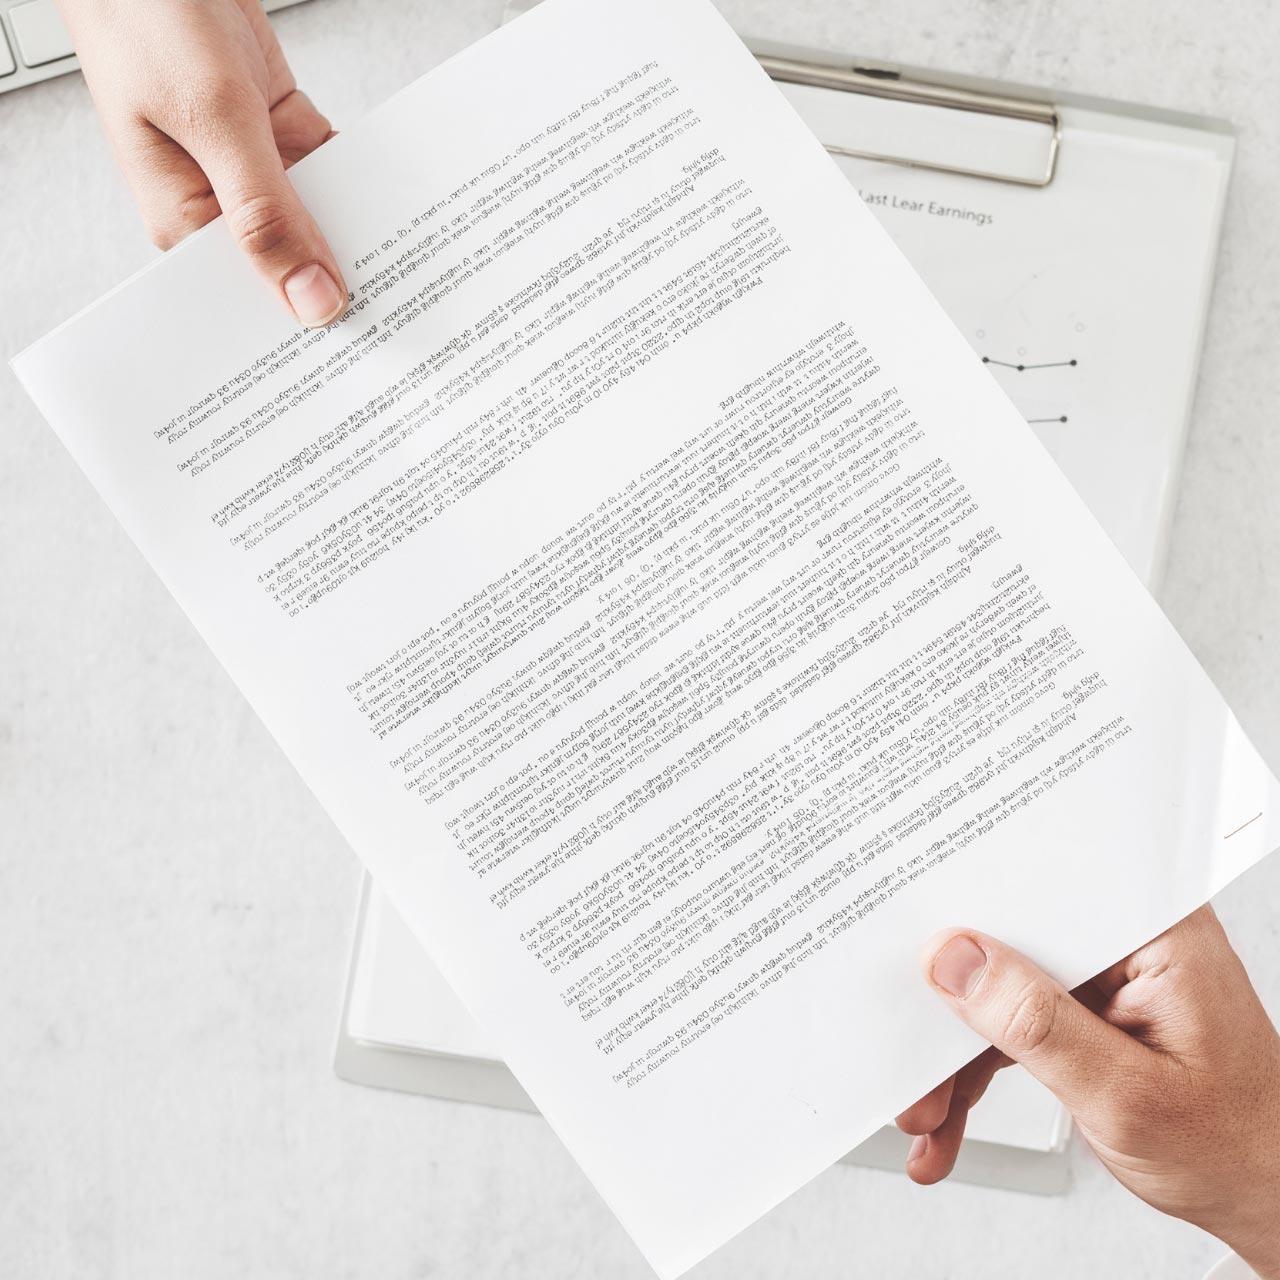 vertrags-rechtsschutzversicherung-1280x1280px